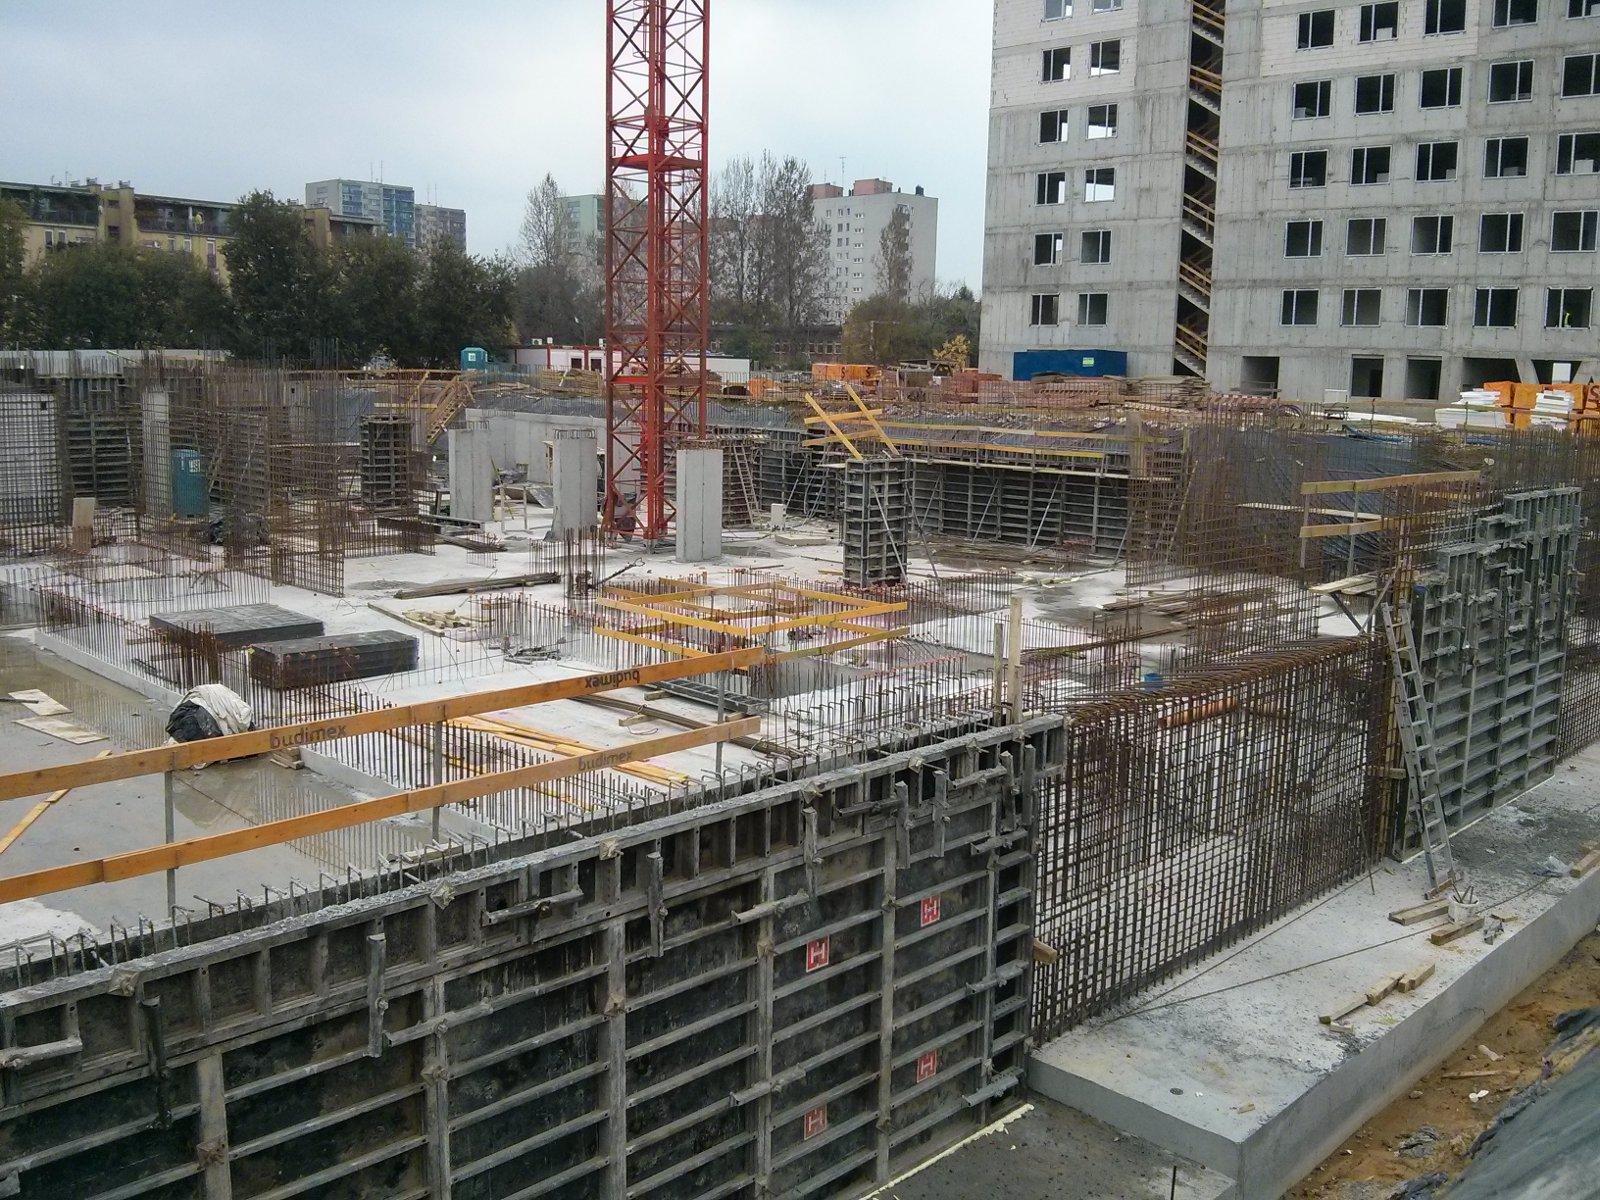 Etap III - Avia 2 Budimexu - prace w wykopie pod blok w Czyżynach